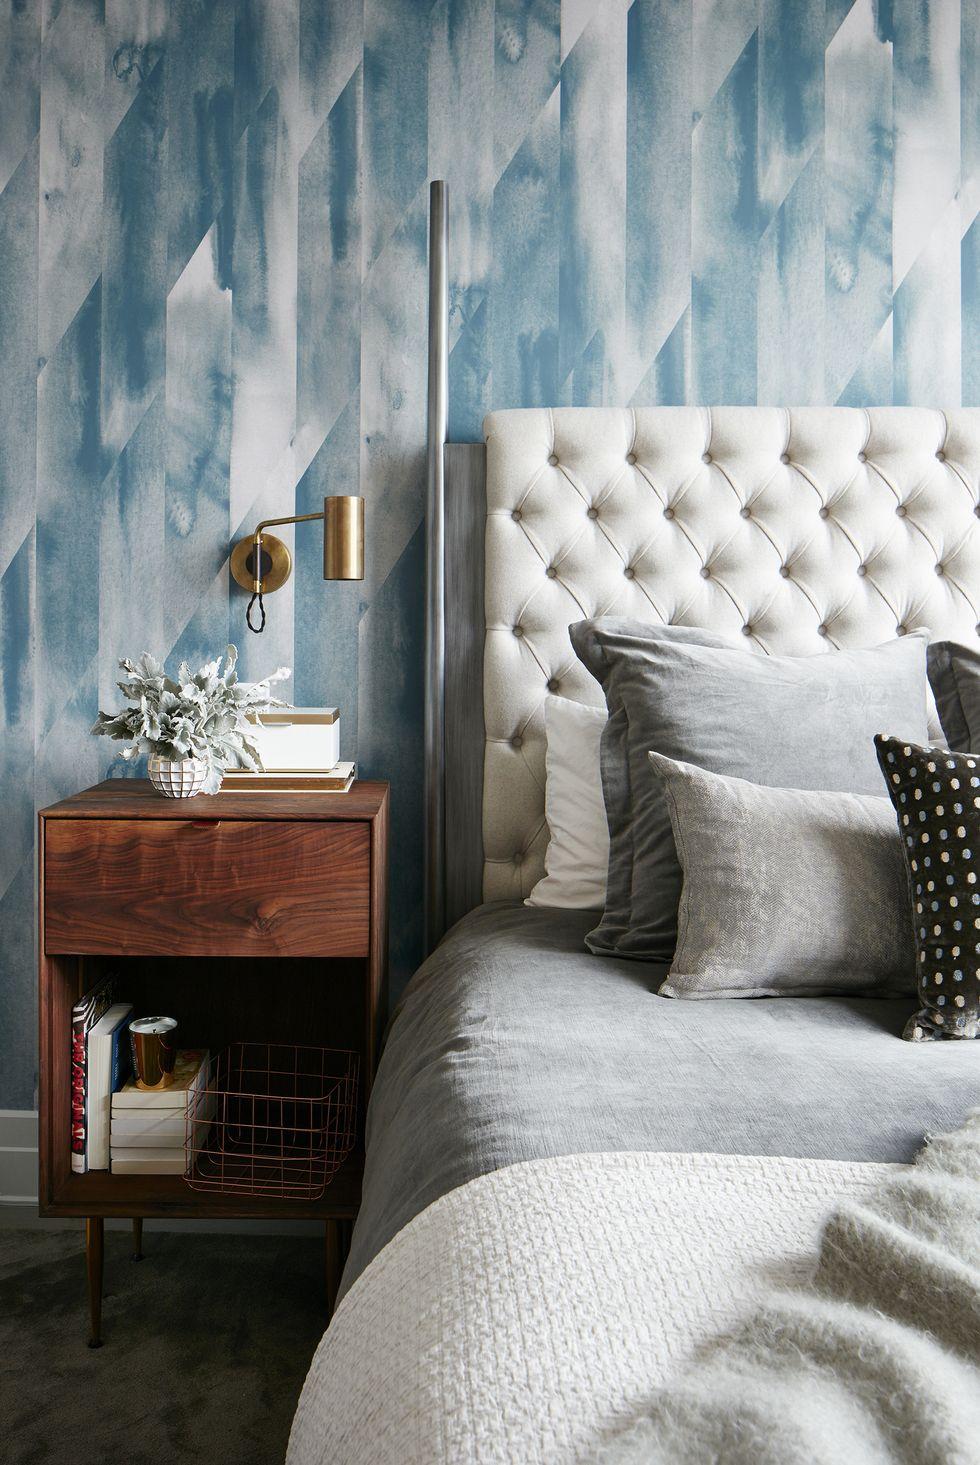 Bật mí những cách trang trí phòng ngủ 'cực chill' mà bạn nên thử - Ảnh 22.